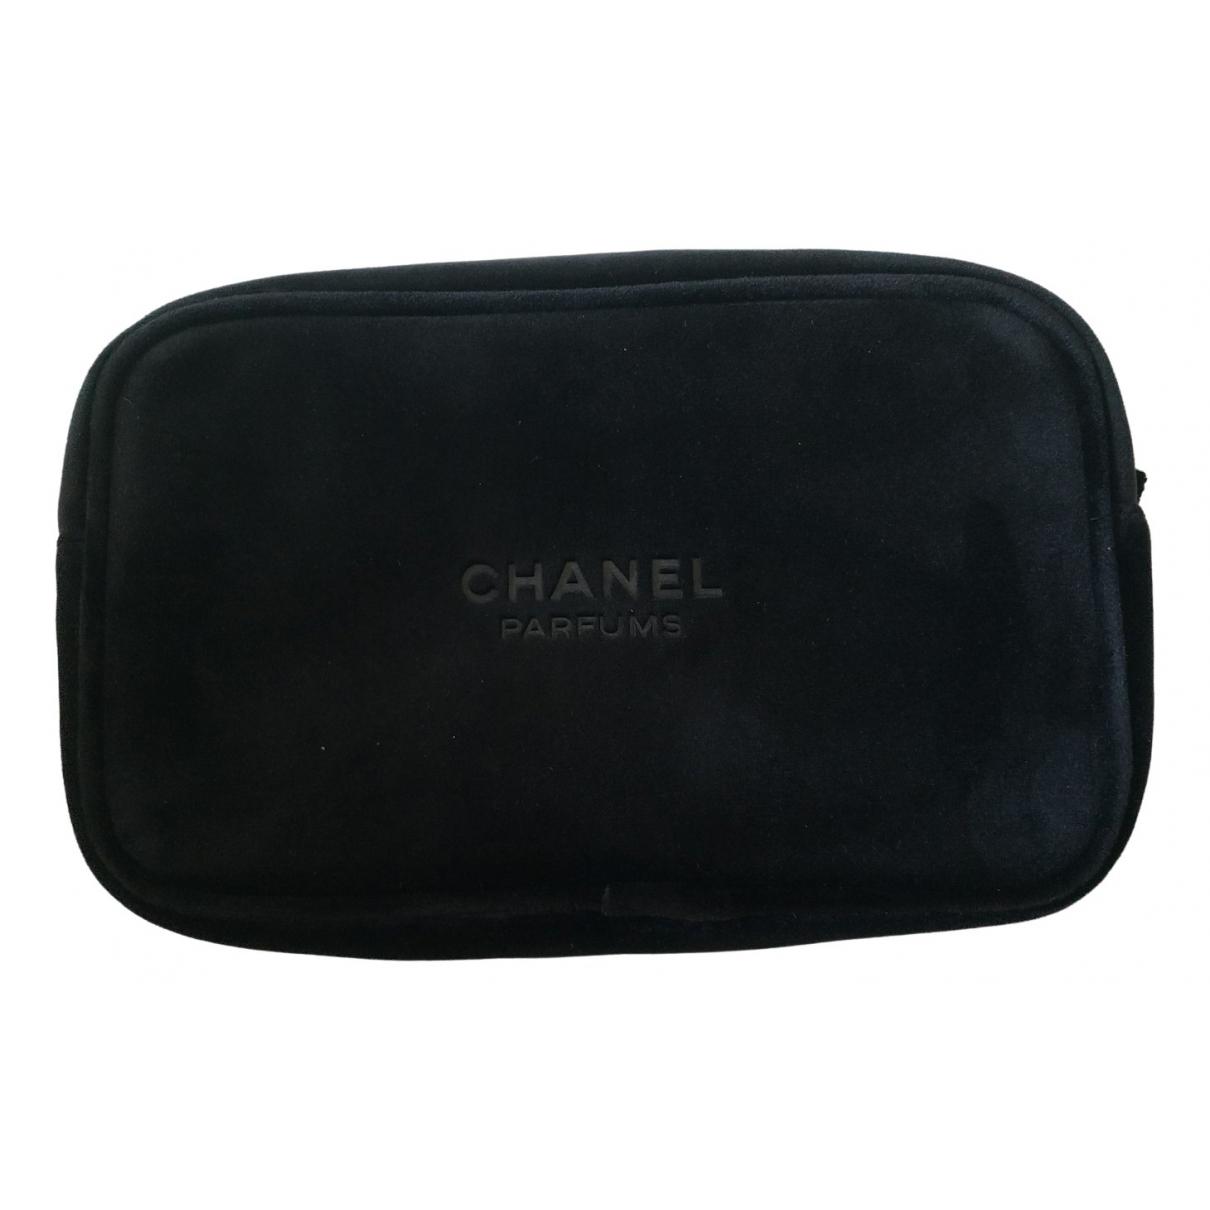 Chanel - Sac de voyage   pour femme en velours - noir